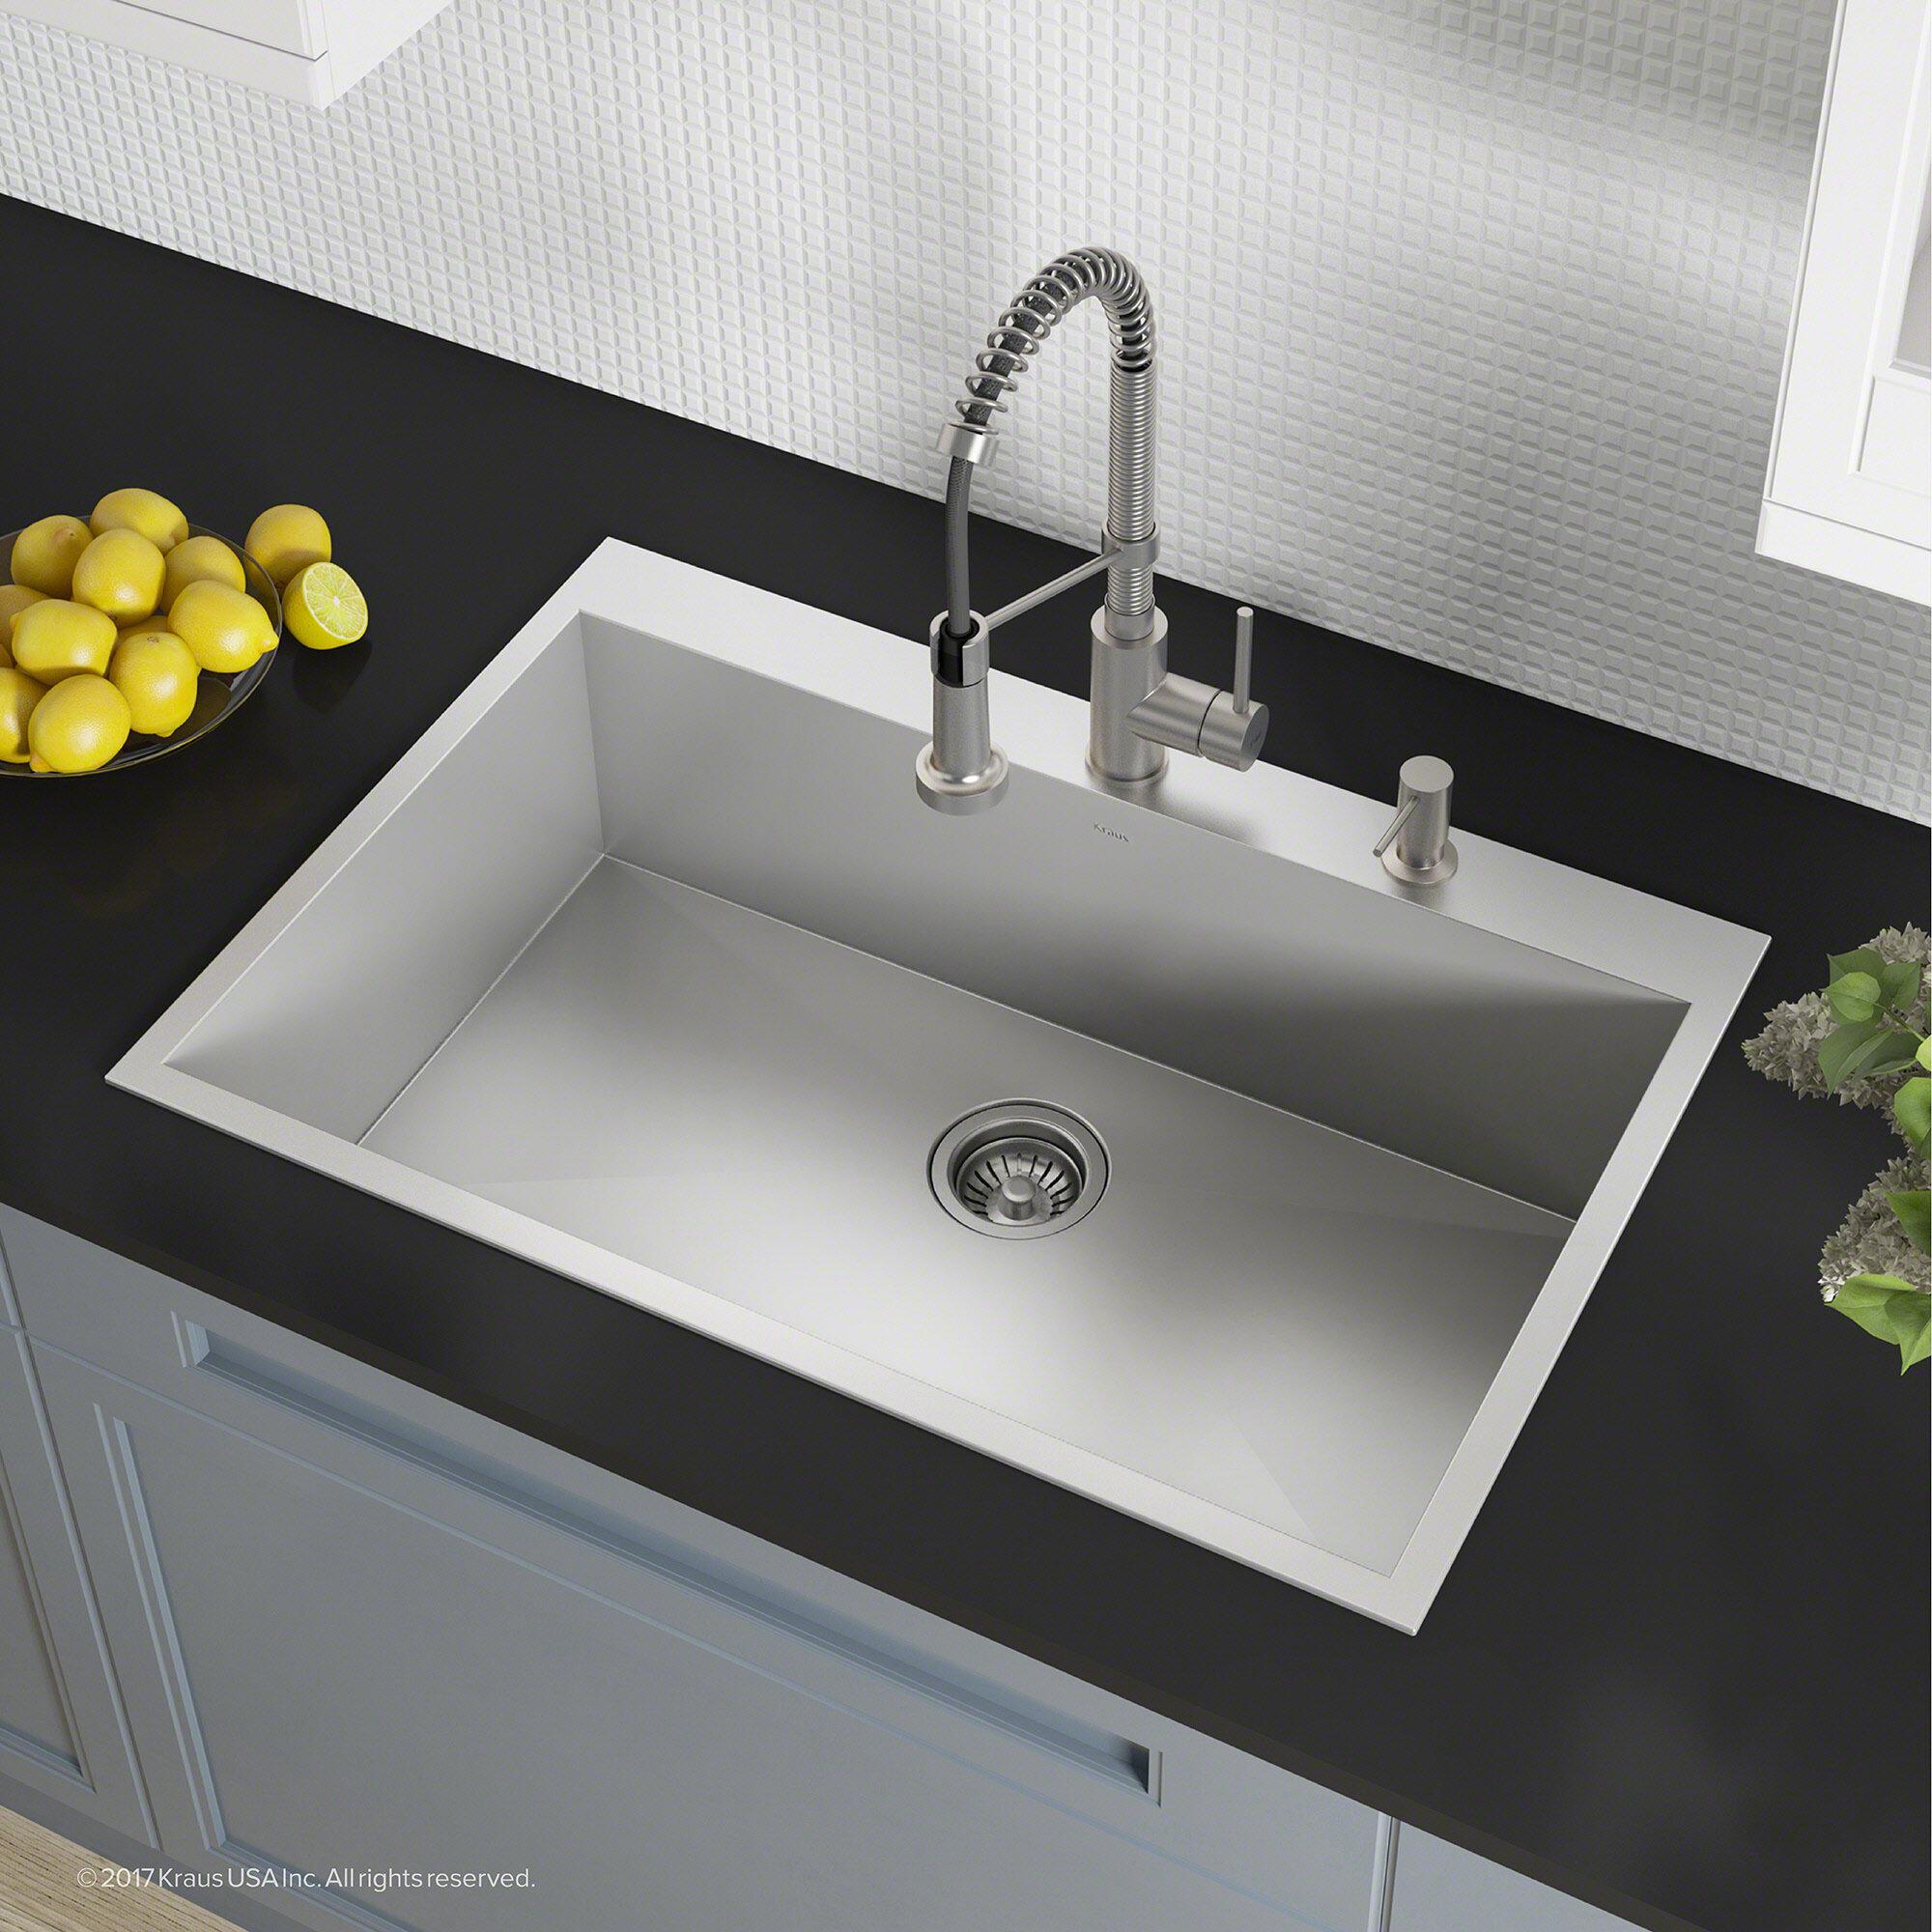 kraus pax zero radius topmount series 33 x 22 drop in kitchen rh wayfair com kitchen sinks top mount double bowl kitchen sinks top mount double bowl